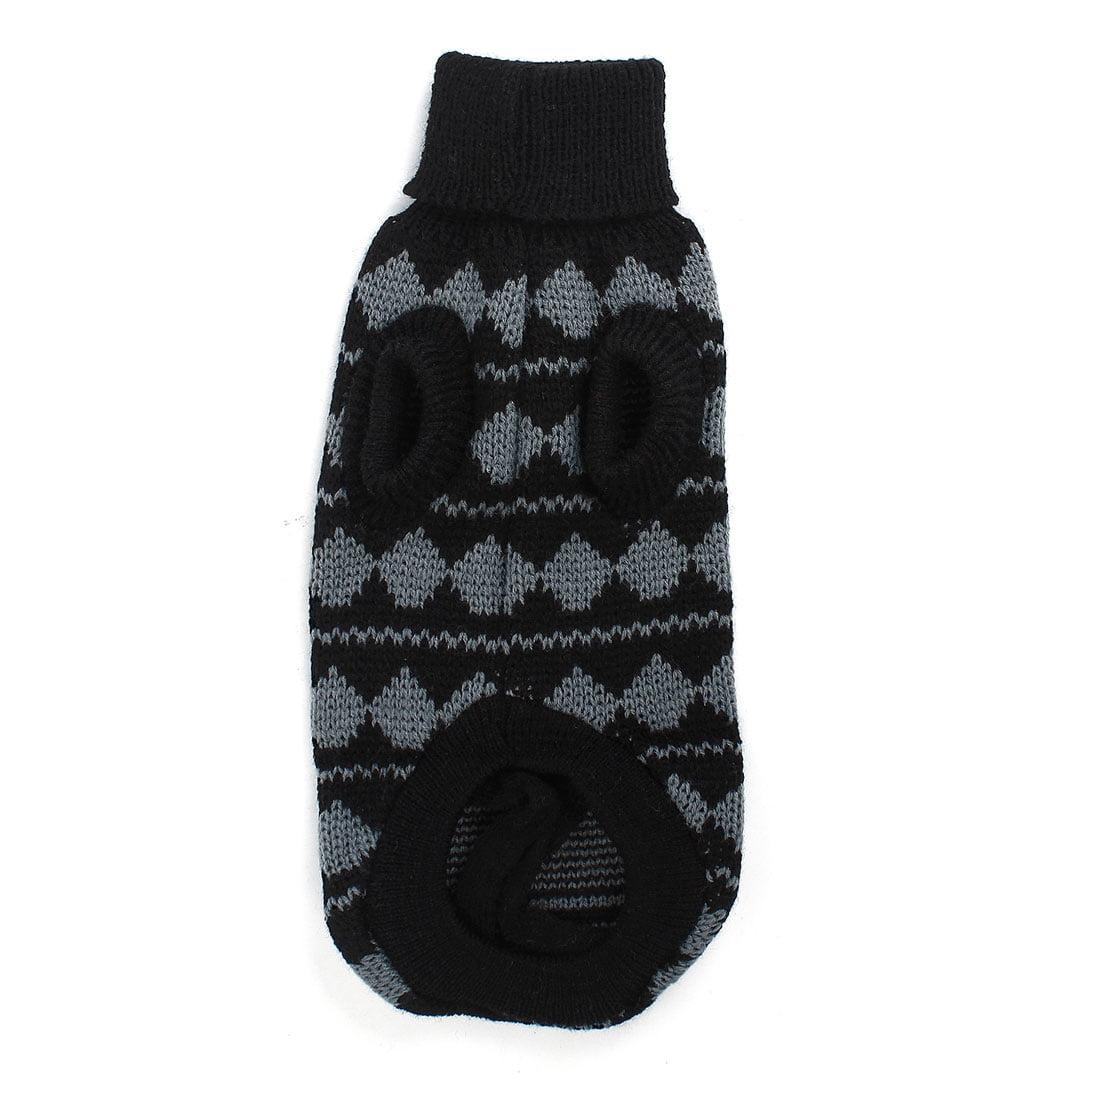 Unique Bargains Elastic Turtleneck Hand Knit Pet Dog Cat Poodle Clothes Sweater Gray Black XS